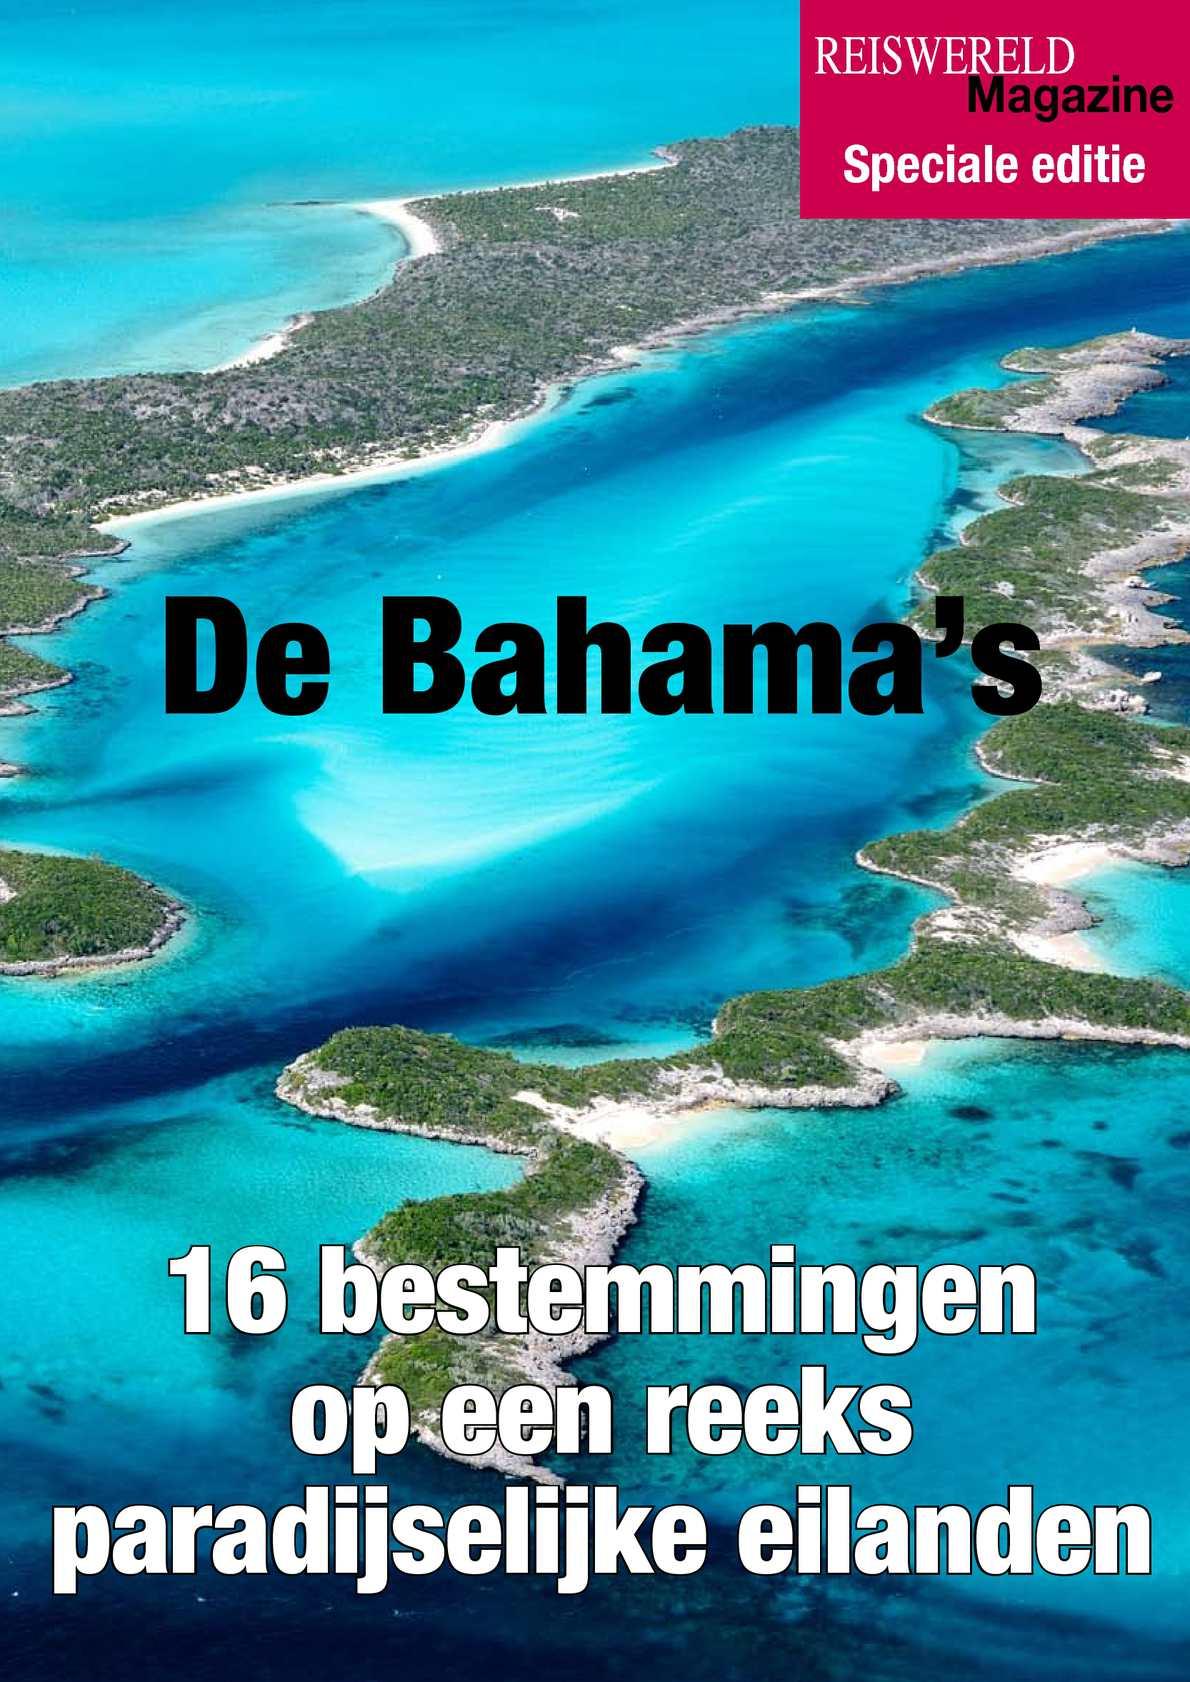 Reportage naar de Bahamas van Reiswereld Magazine.be